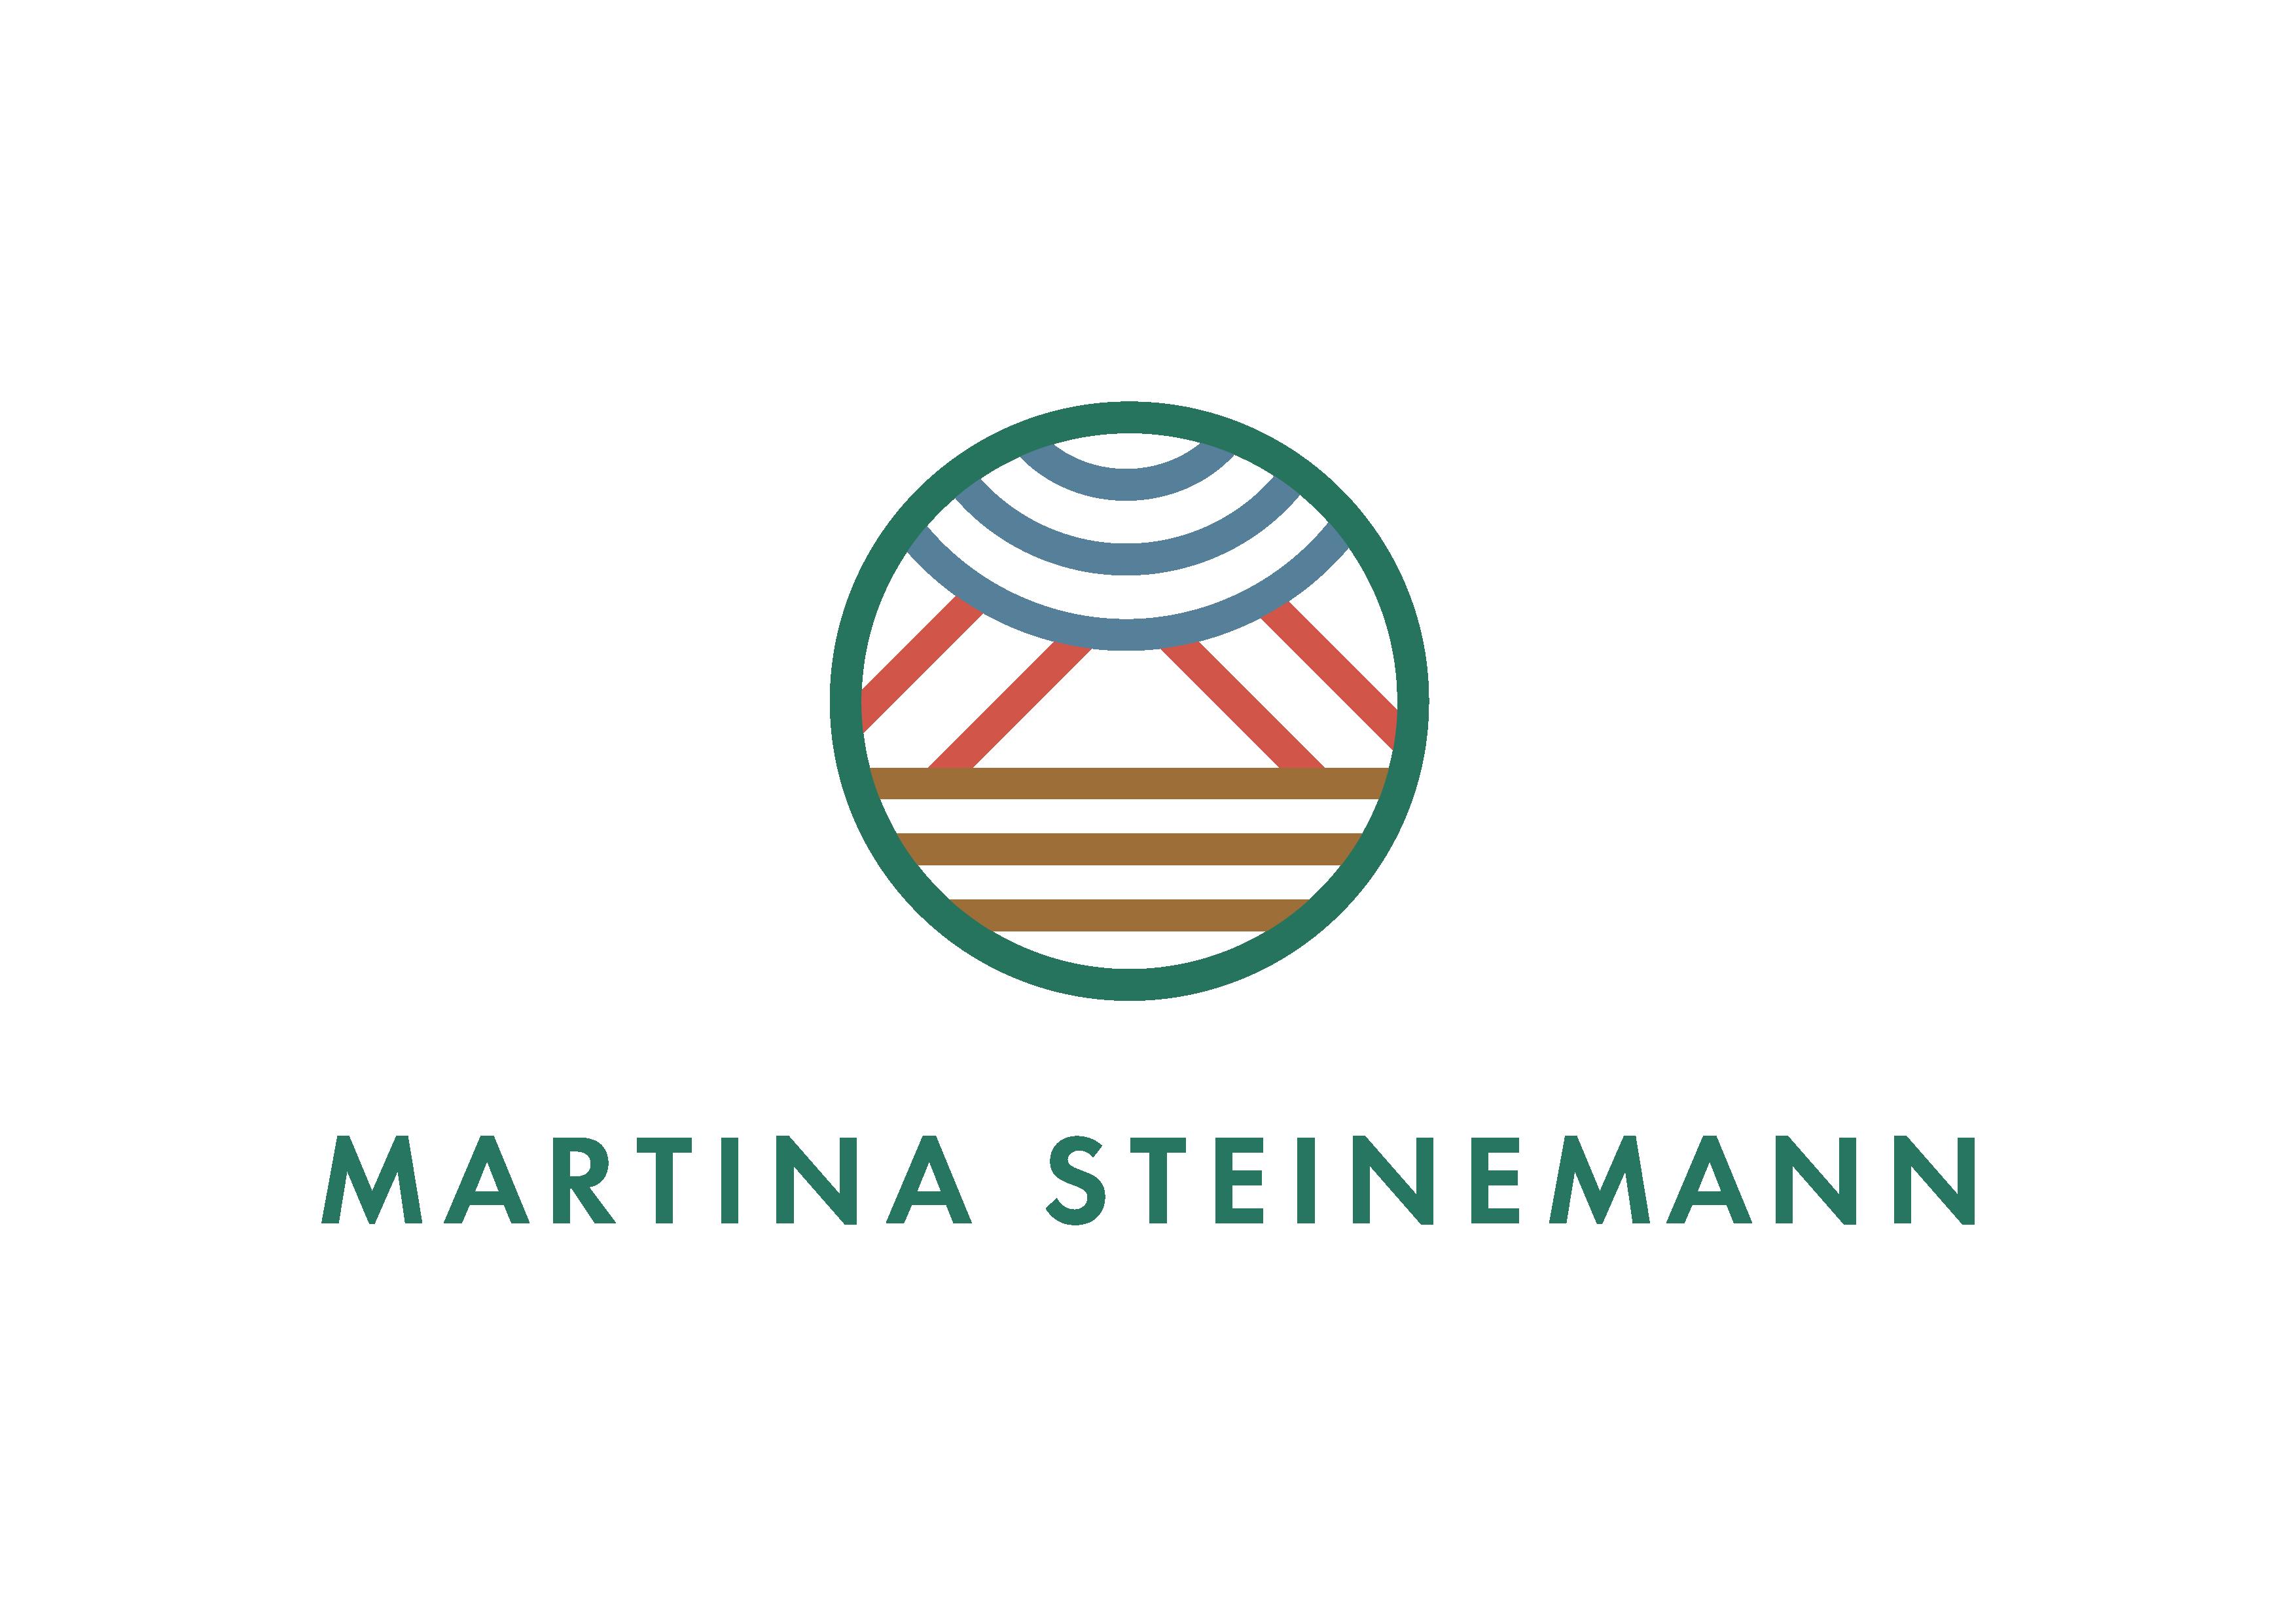 Martina Steinemann   Netzwerk Katrin Schorm   nachhaltig leben